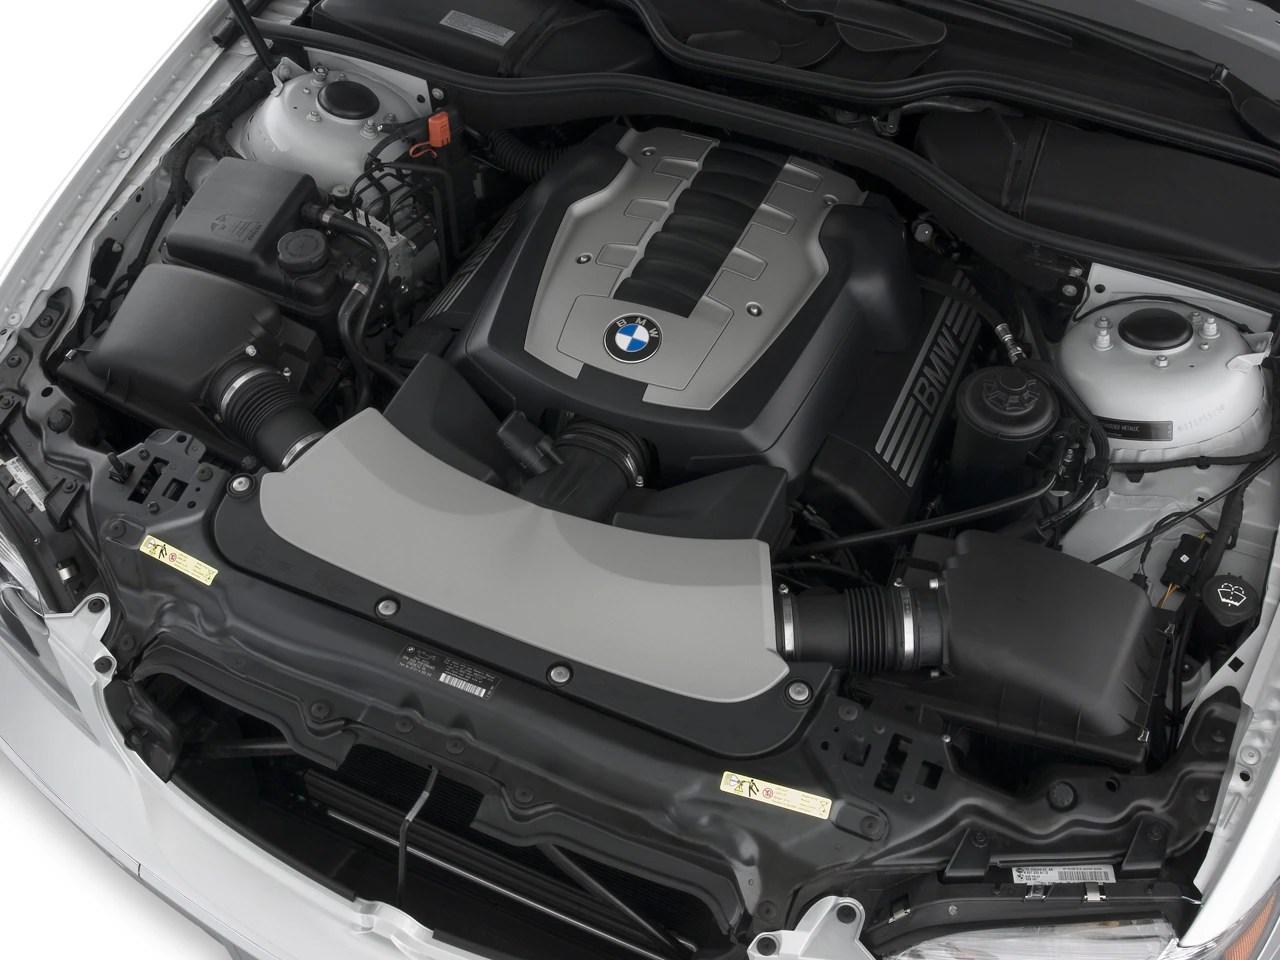 hight resolution of 2006 bmw 750i engine diagram 7 18 sg dbd de u2022bmw 4 4 engine diagram